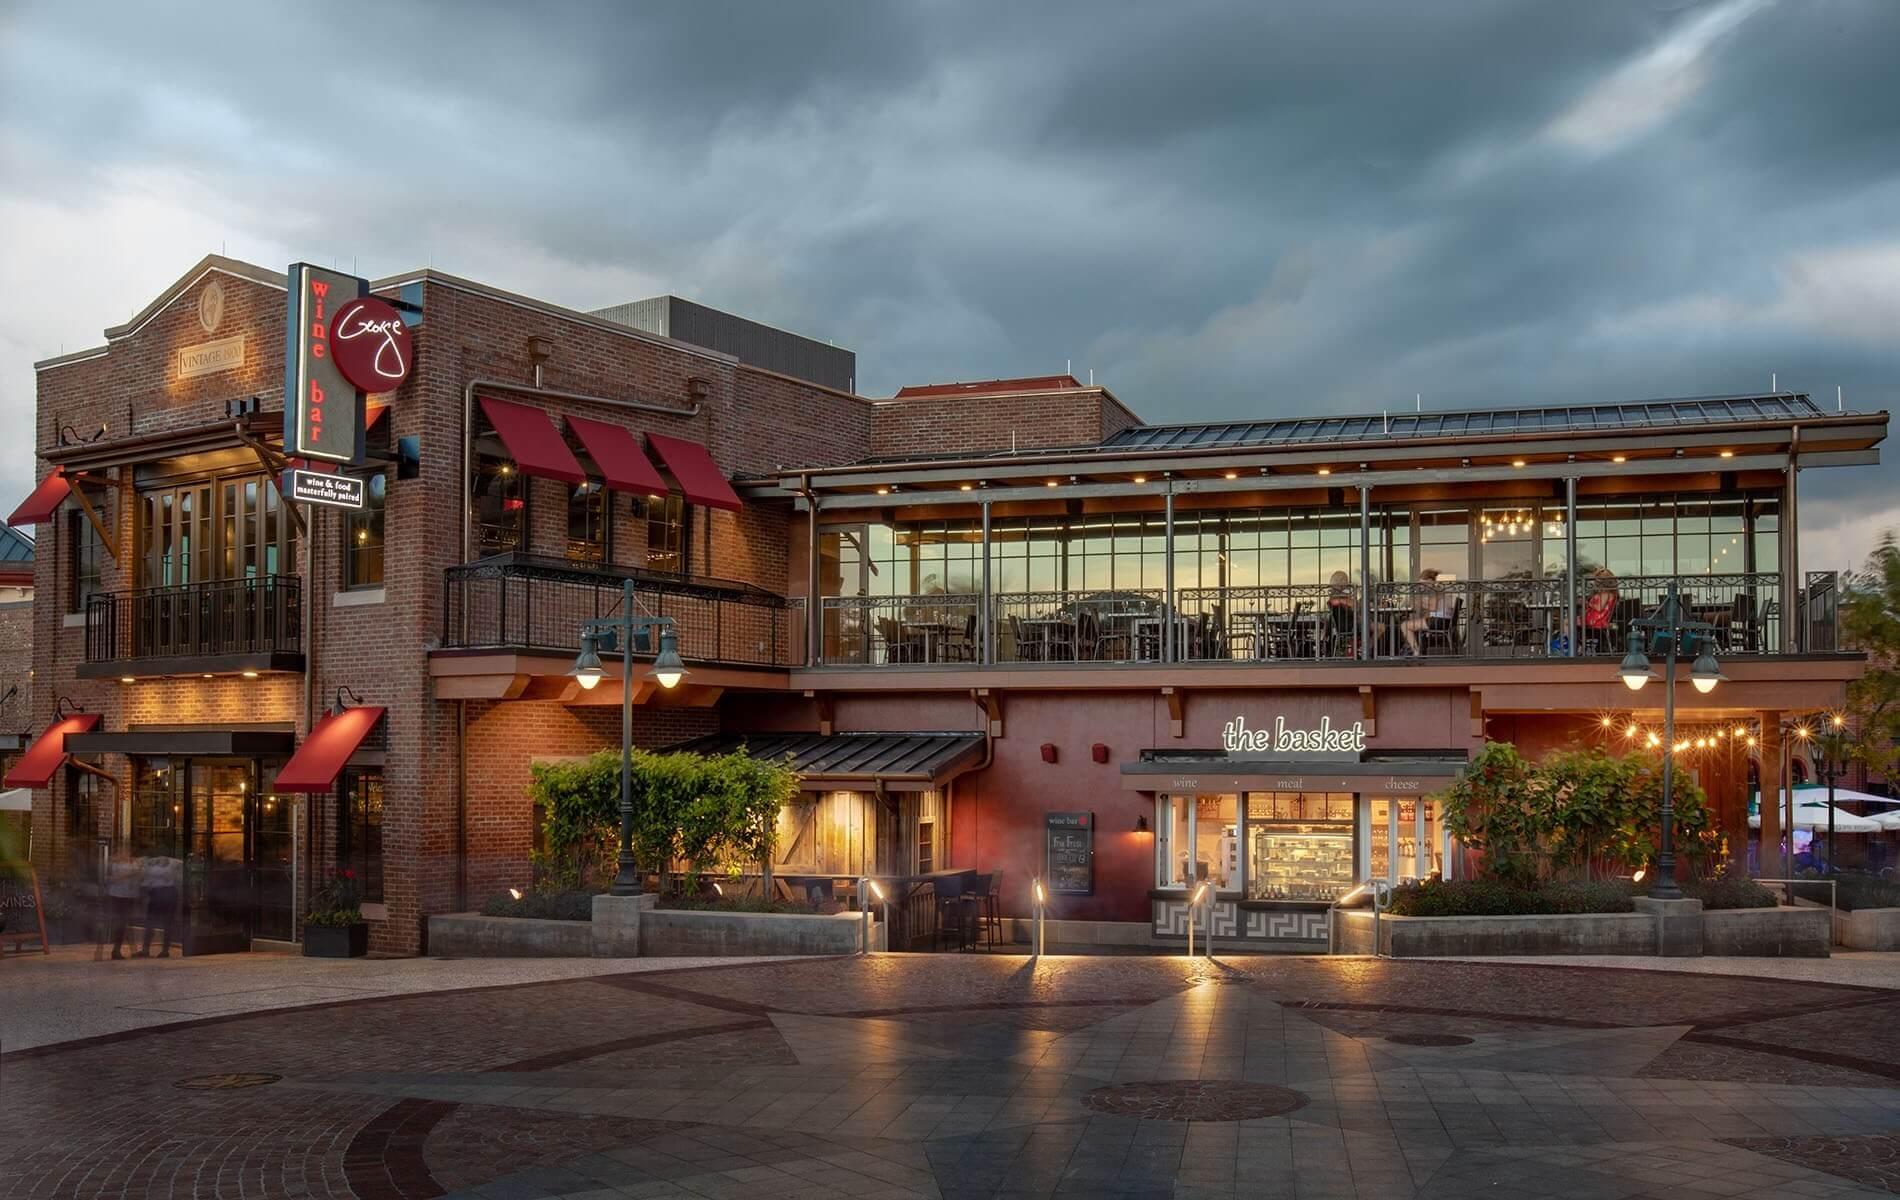 Melhores restaurantes para brunch na Disney Springs em Orlando: Wine Bar George